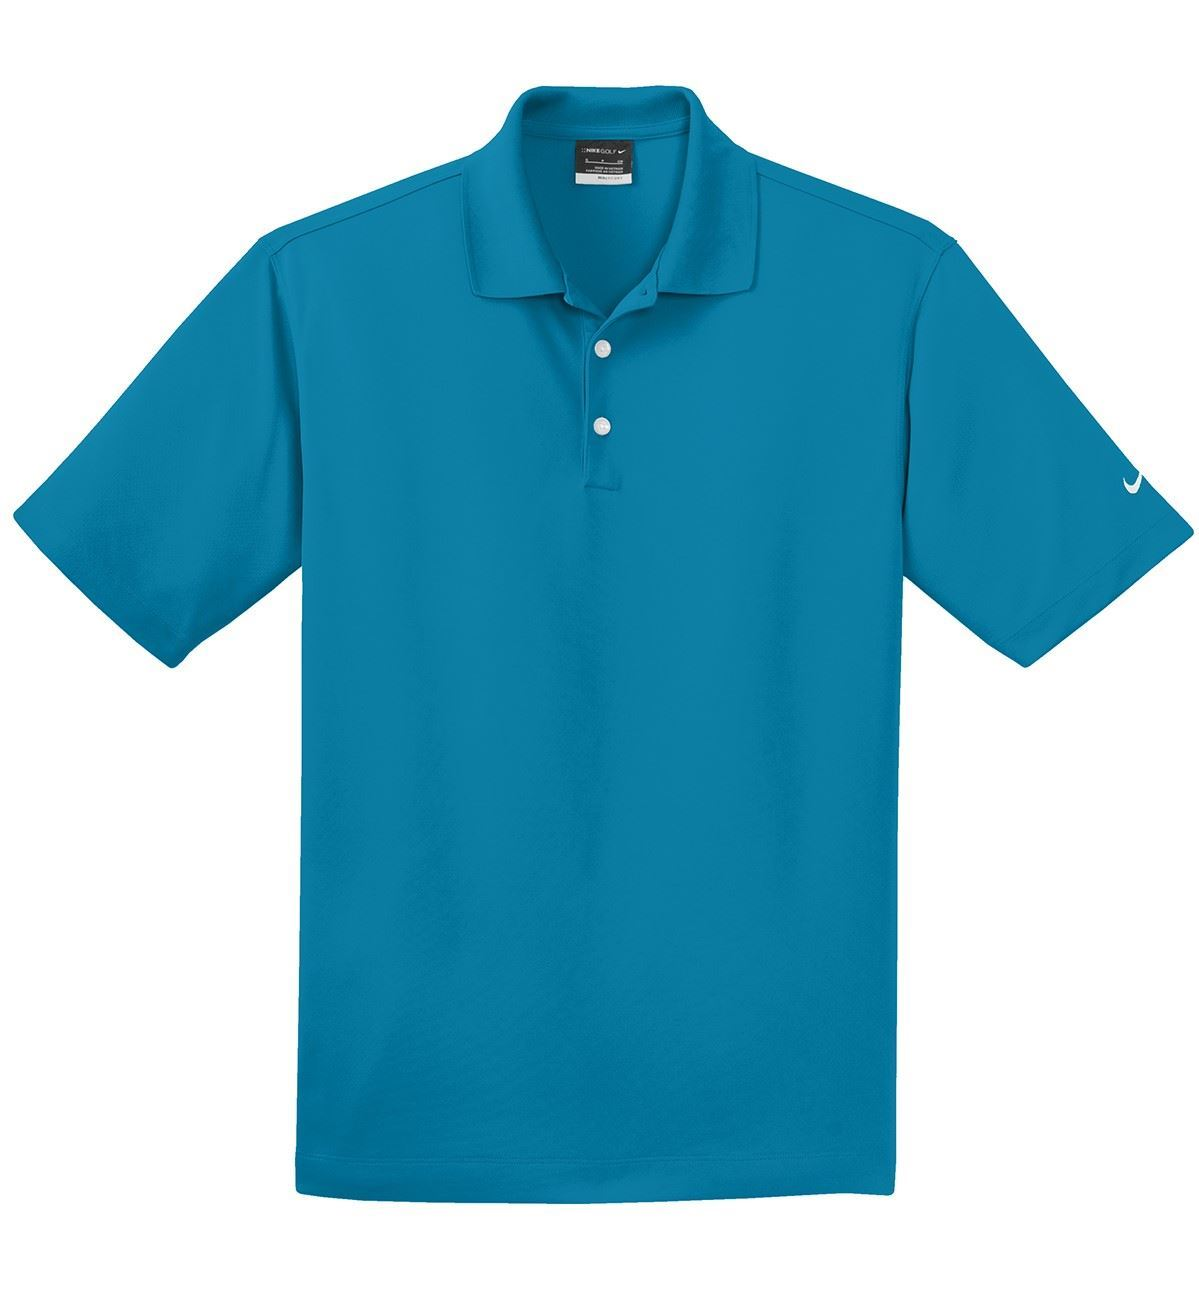 c91e991f ... Picture of Nike Golf - Dri-FIT - Micro Pique Polo 363807 ...